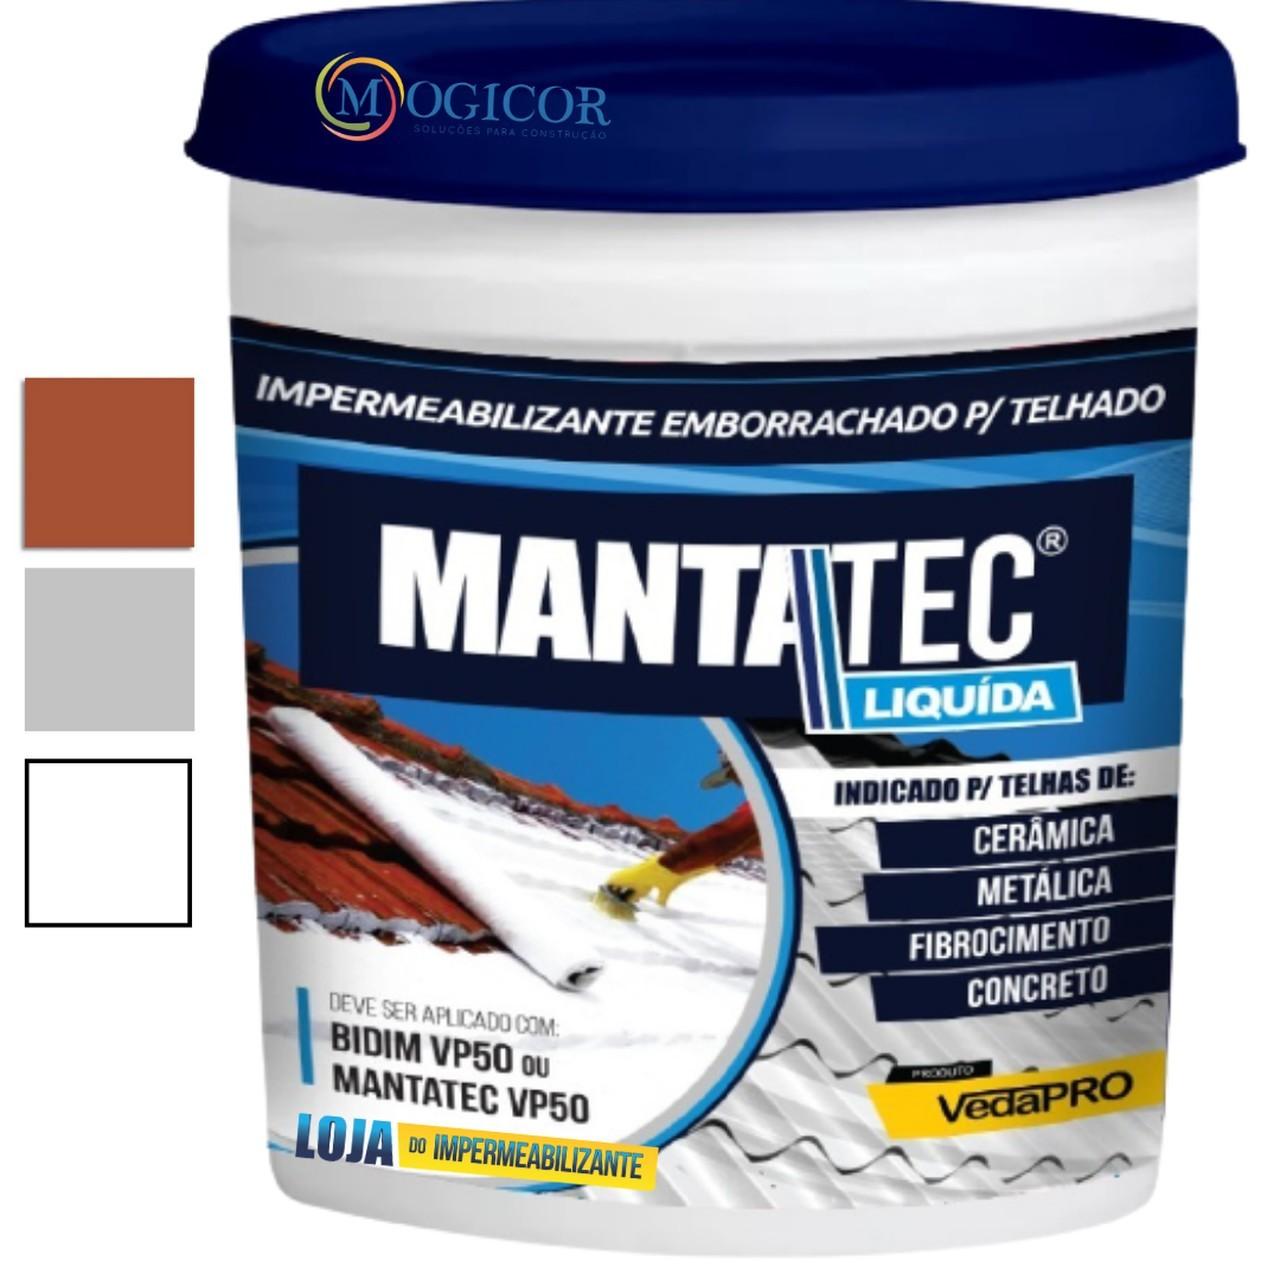 Manta Líquida MantaTec 18kg - Ideal p/ utilizar na impermeabilizão de lajes, telhados e telhas de zinco, madeira, colonial, embutido, verde, fibrocimento etc...